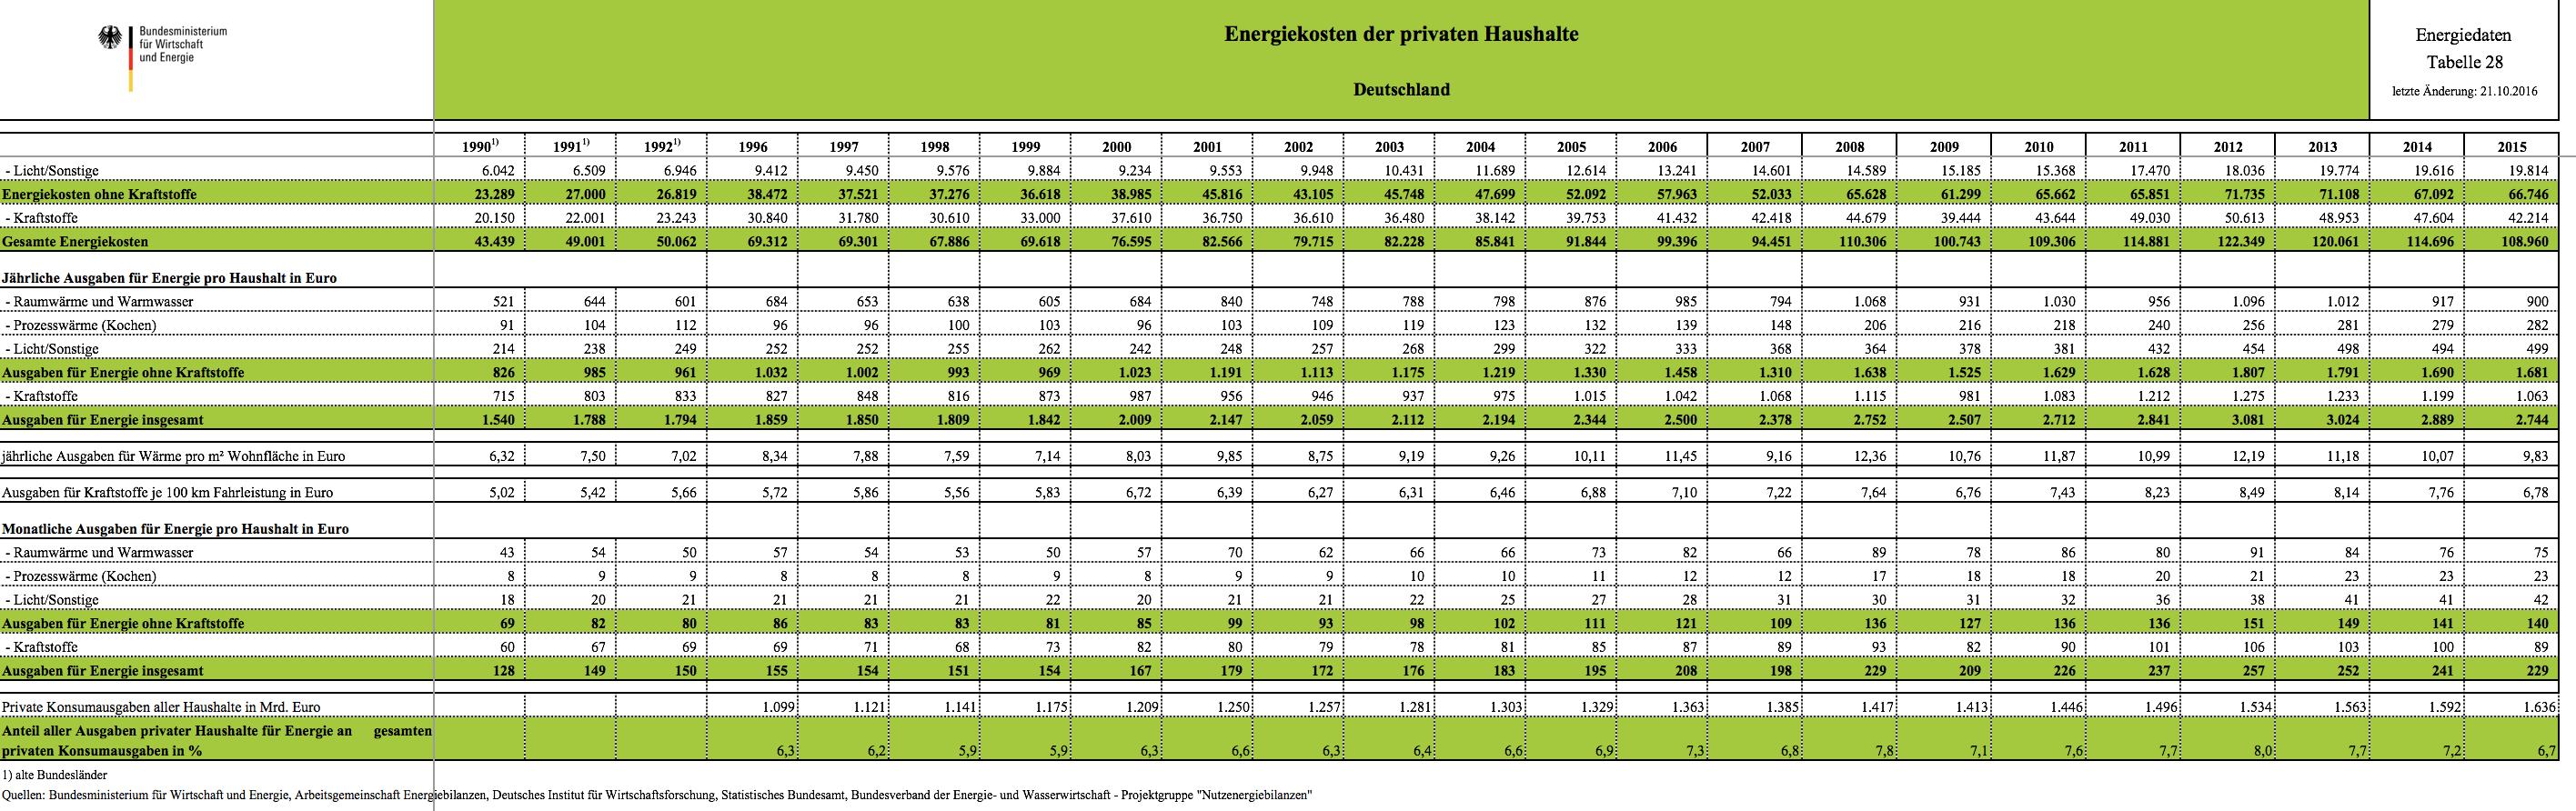 Tabelle der Energiekosten der privaten Haushalte